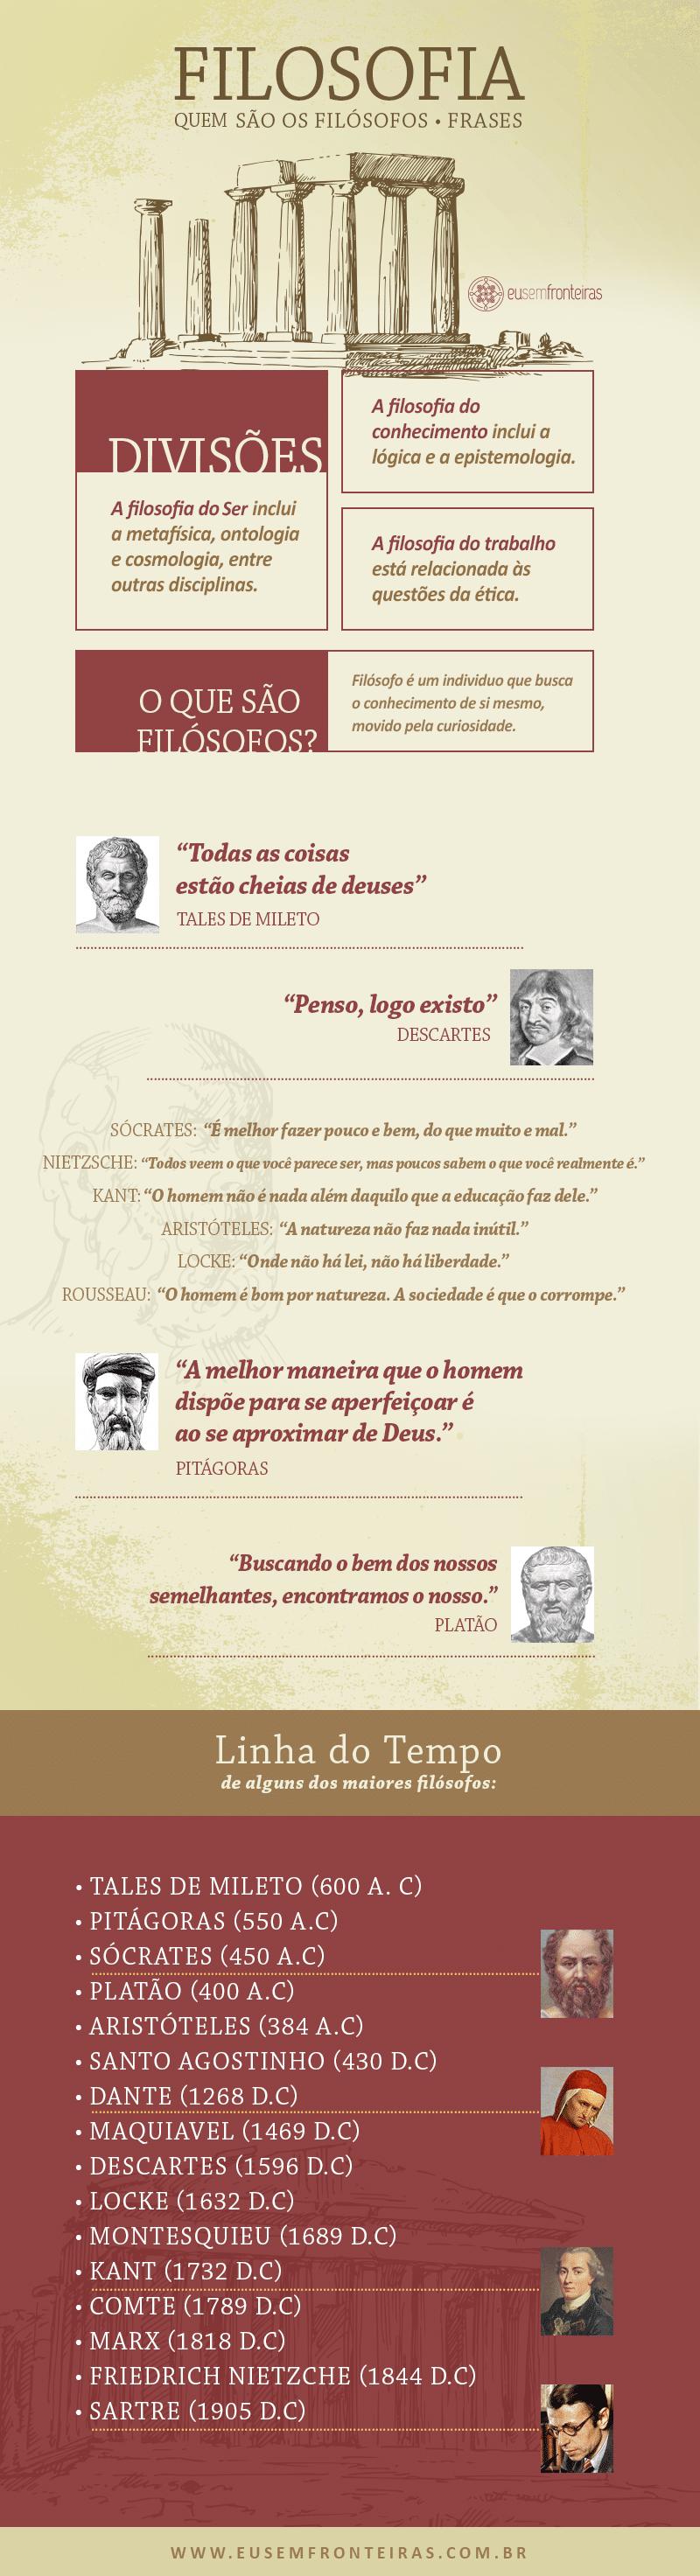 Conheça um pouco mais sobre Filosofia (1)